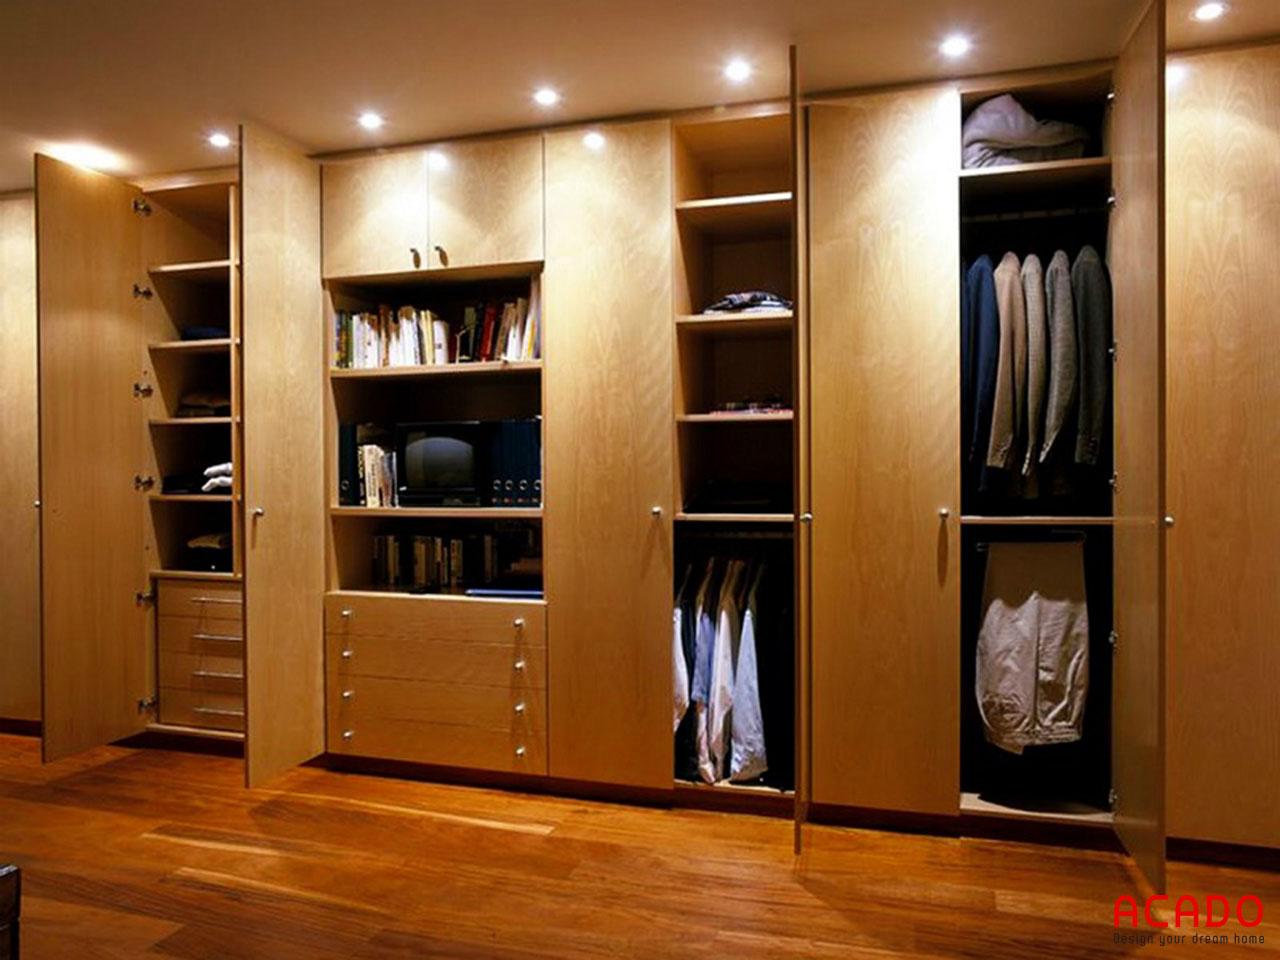 Tủ quần áo với nhiều ngăn tiện lợi, thoải mái không gian cho bạn để đồ